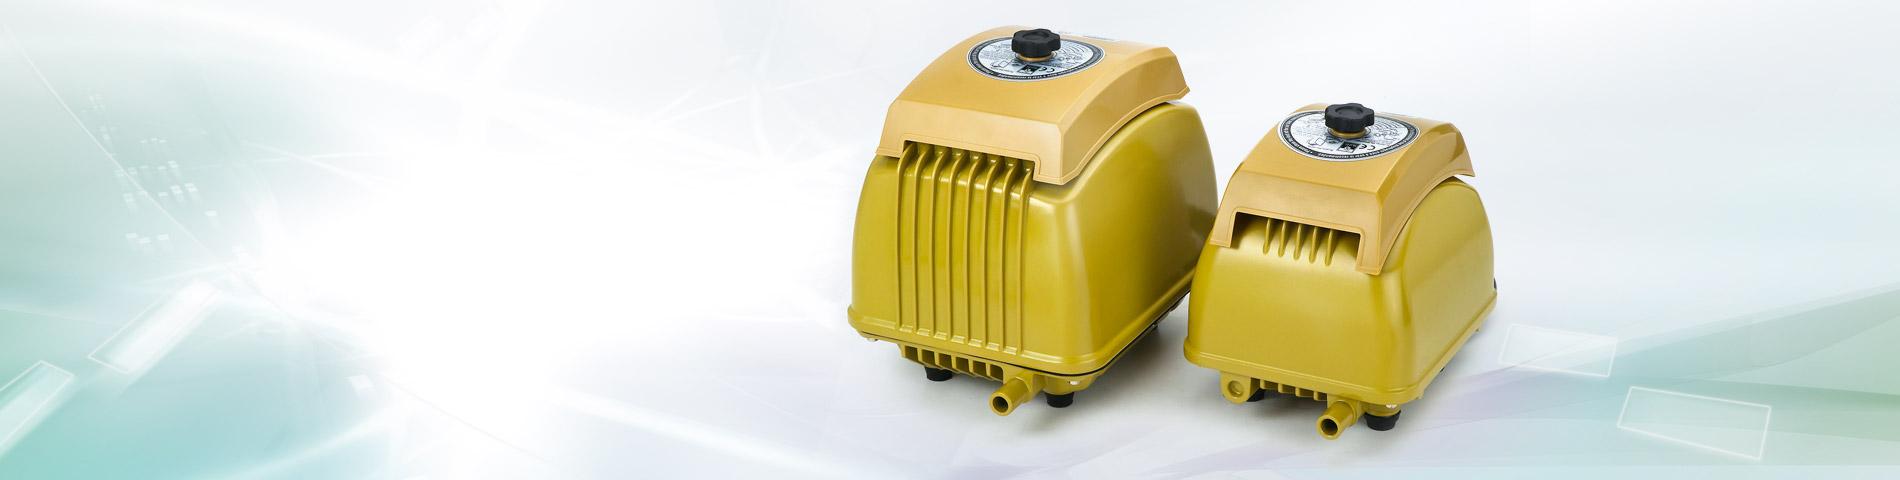 三敏電機 泵浦的領導品牌 不斷的開發更有效能的產品以滿足客戶的需求,在製造的過程,嚴格的要求品質控管,並快速的處理任何客戶的意見。